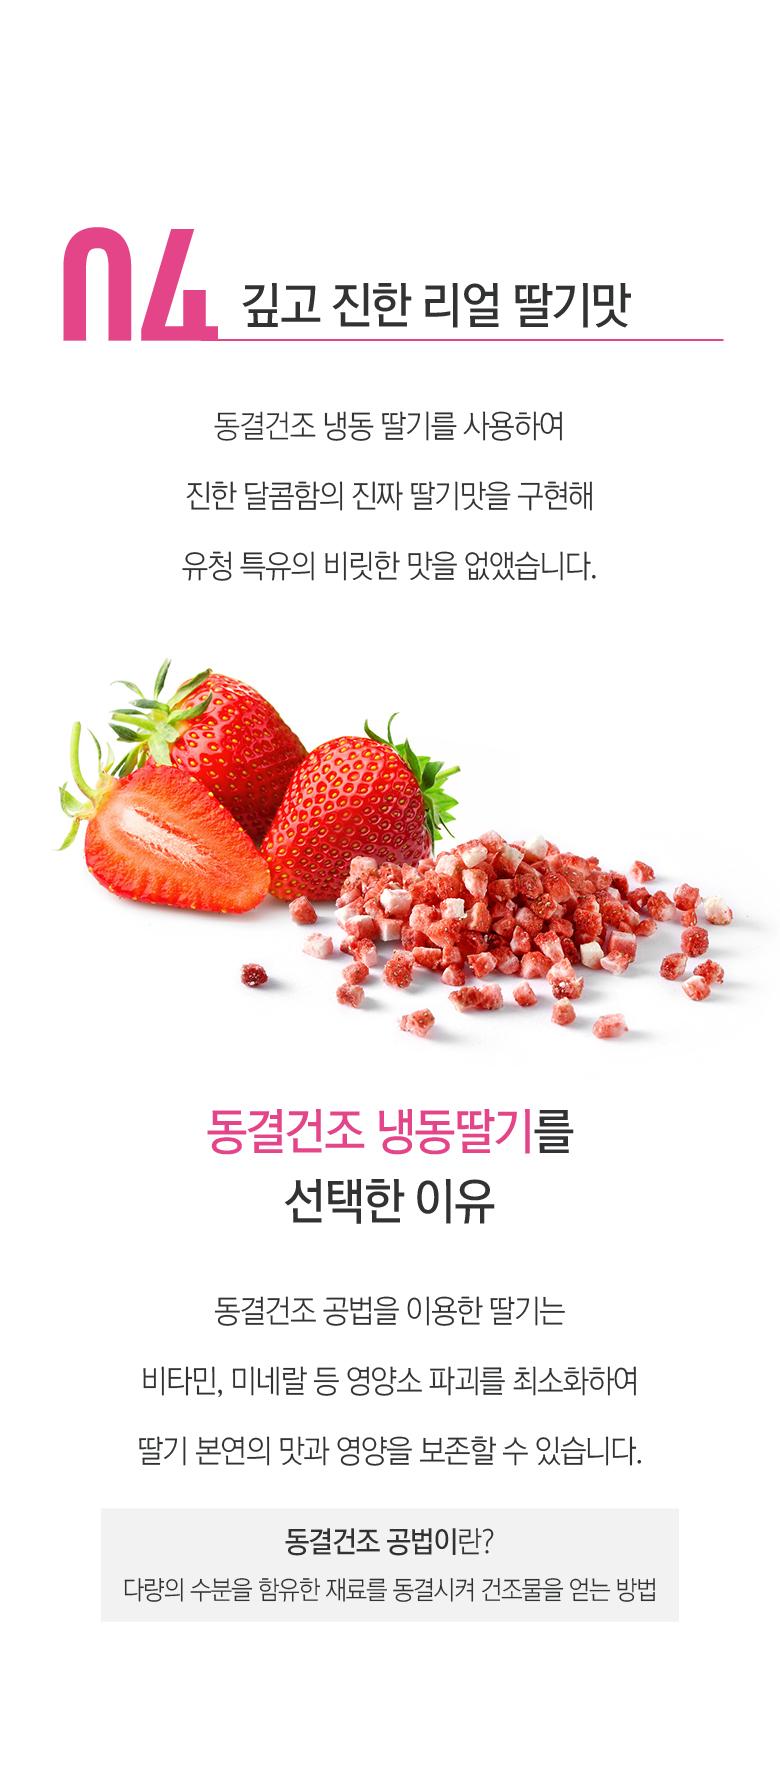 포인트_딸기